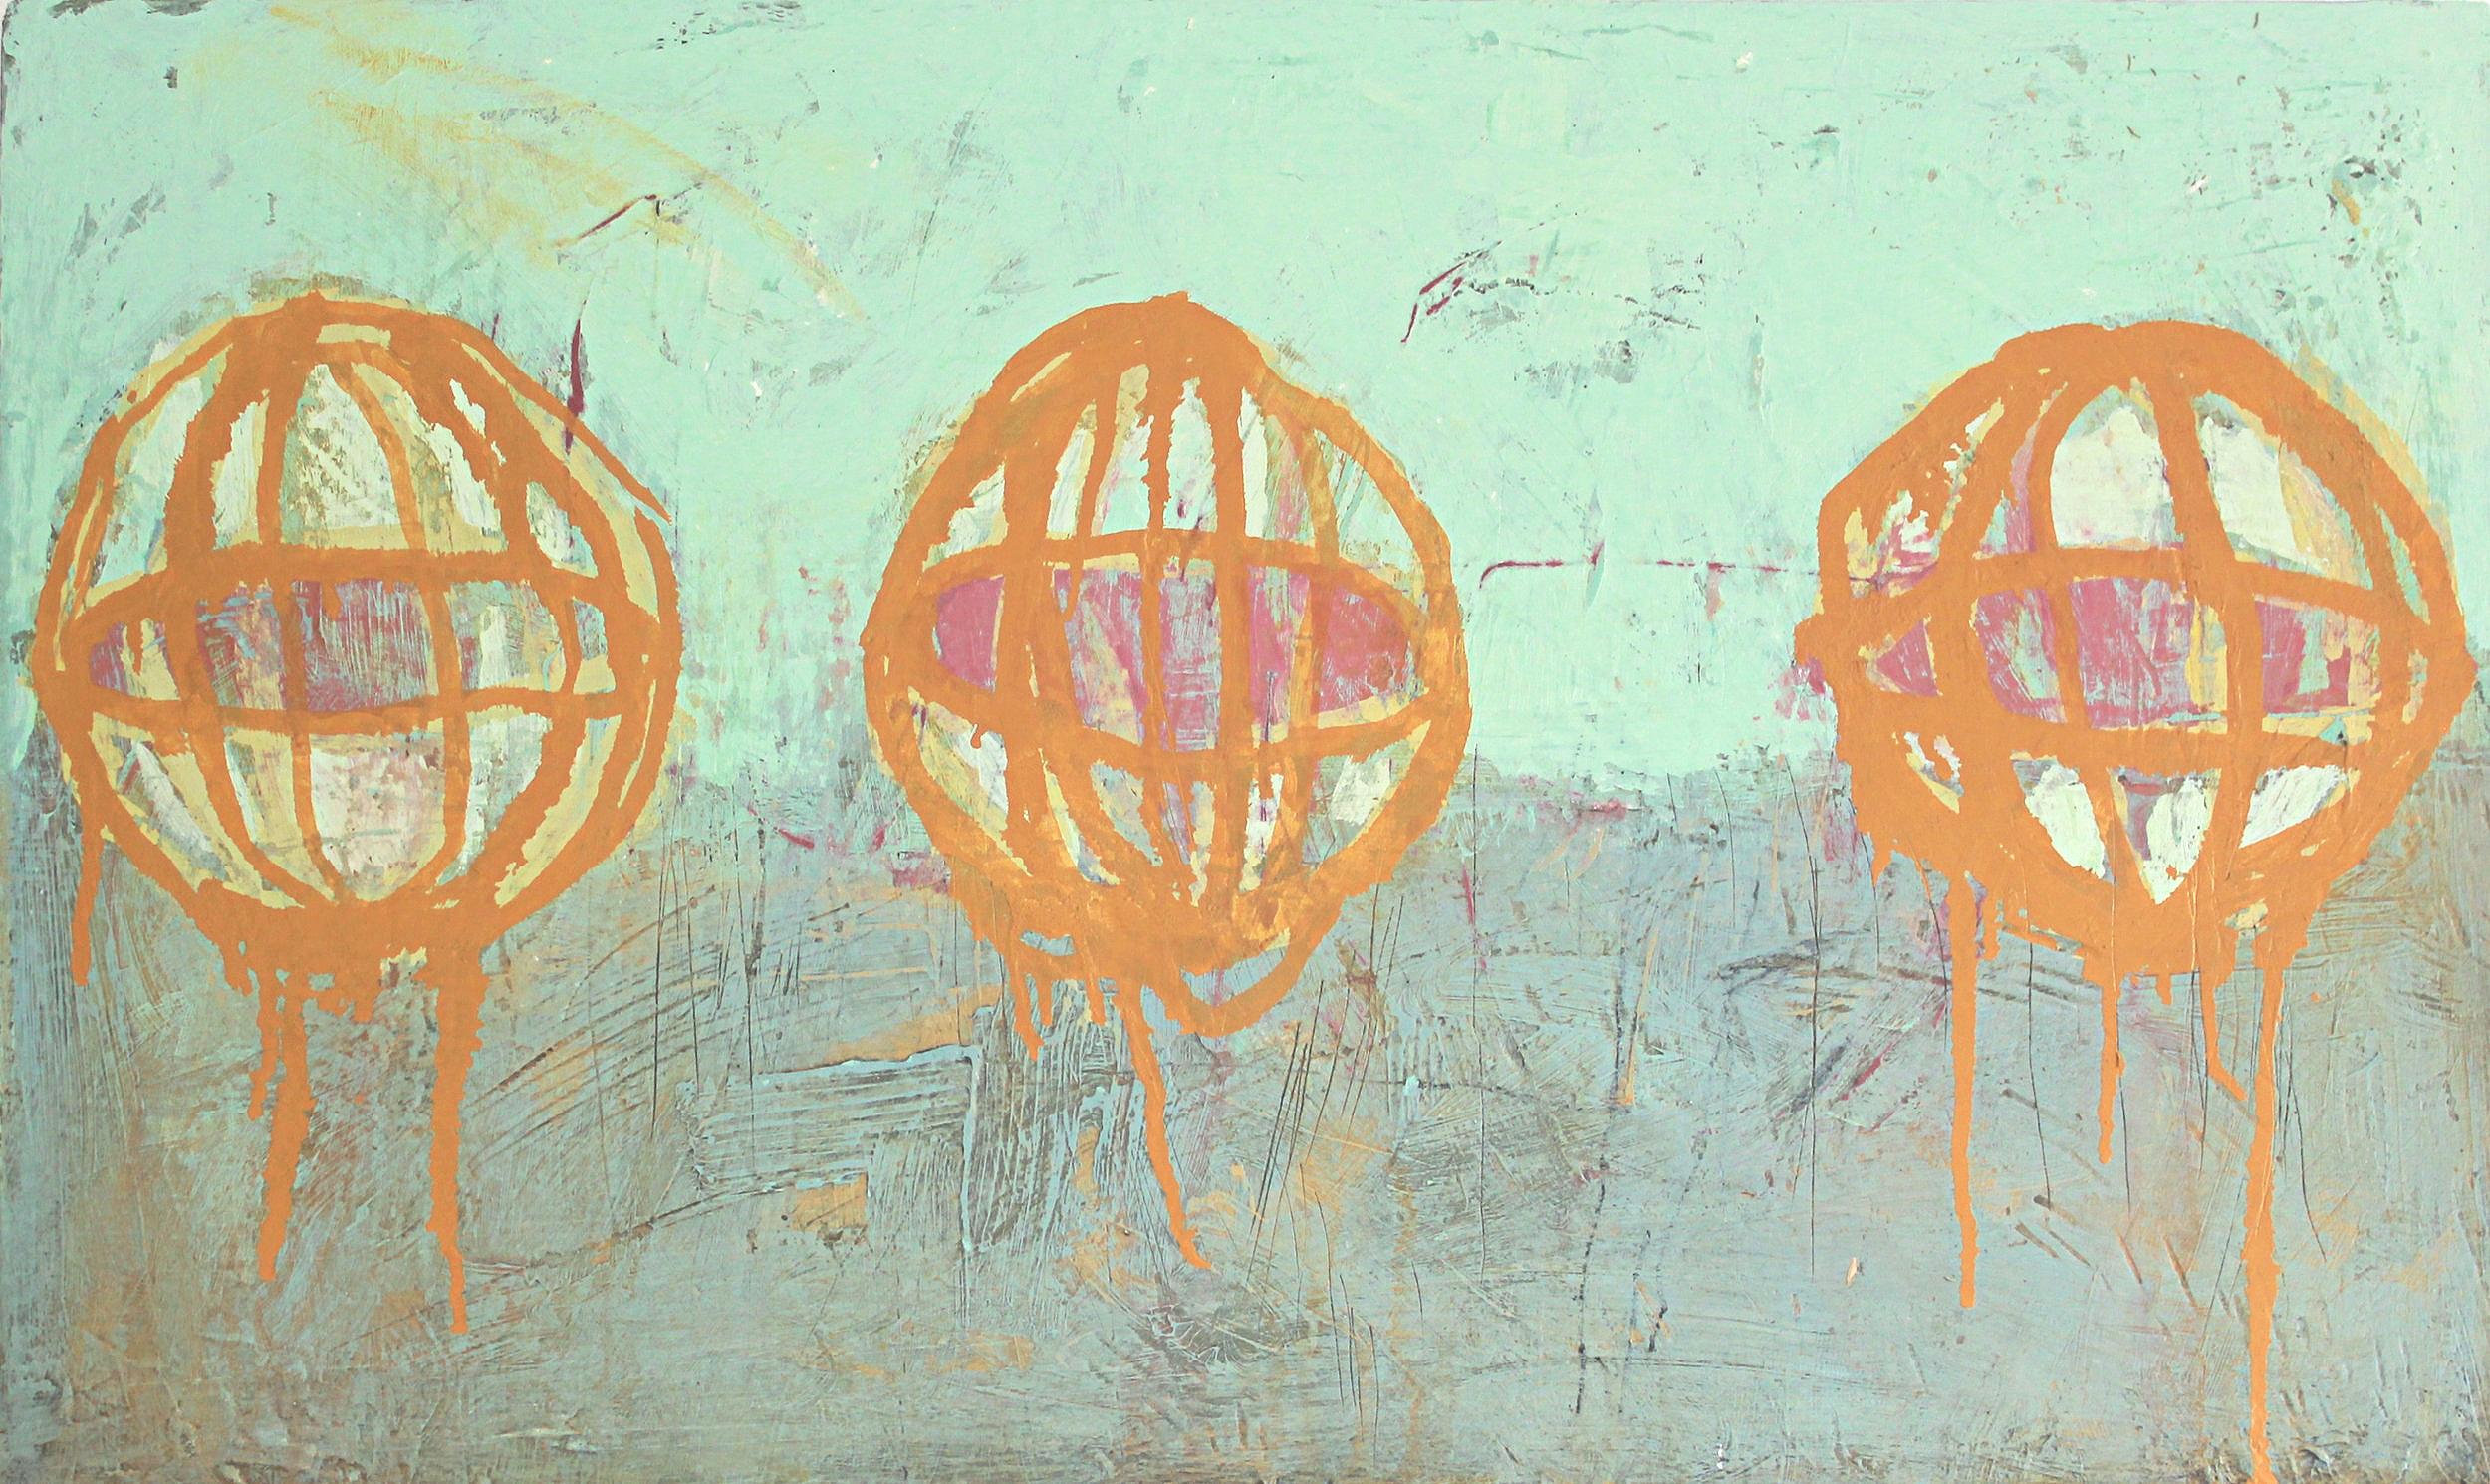 Three Painted Orbs